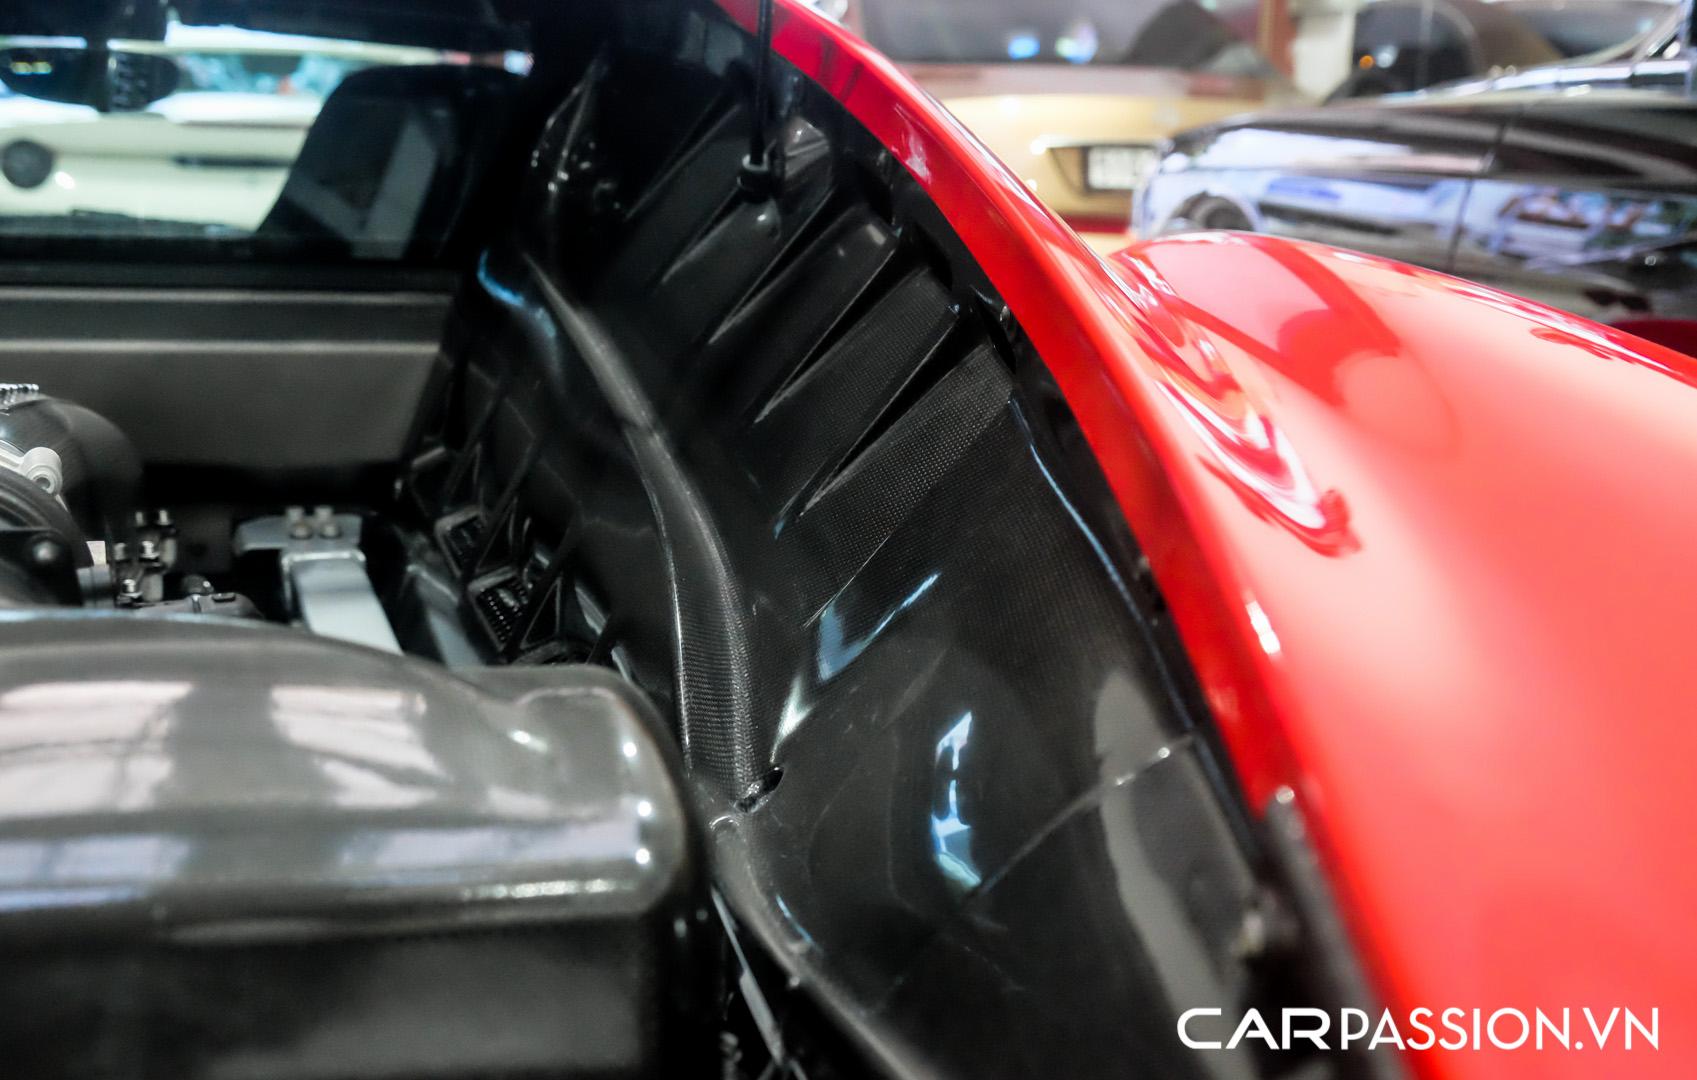 CP-Ferrari 430 Scuderia (48).jpg